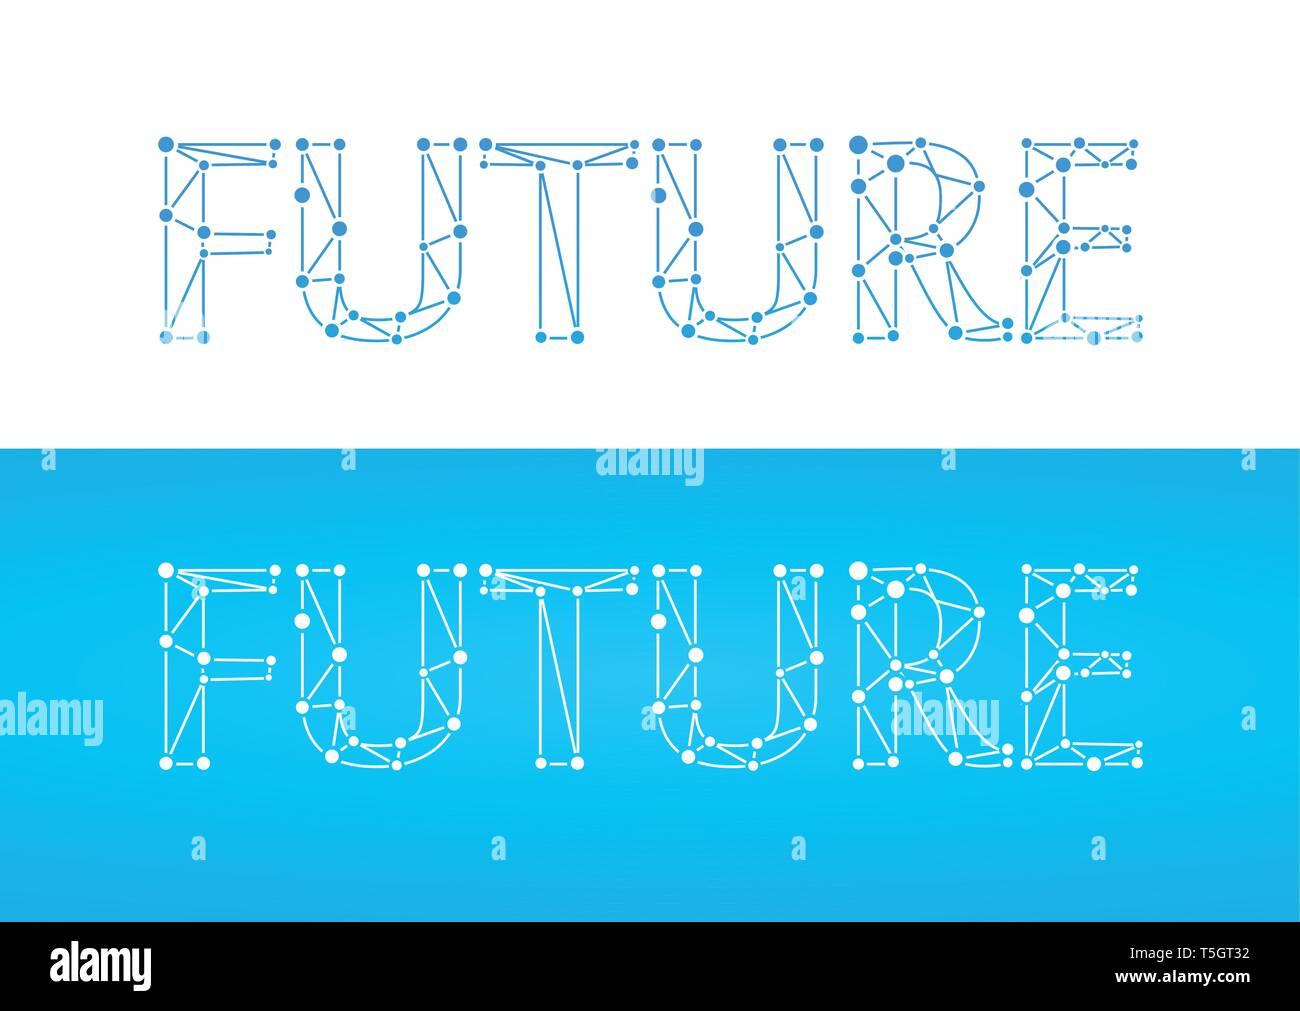 Zukunft Caption In Blauer Farbe Auf Weiß Und Blau Isoliert